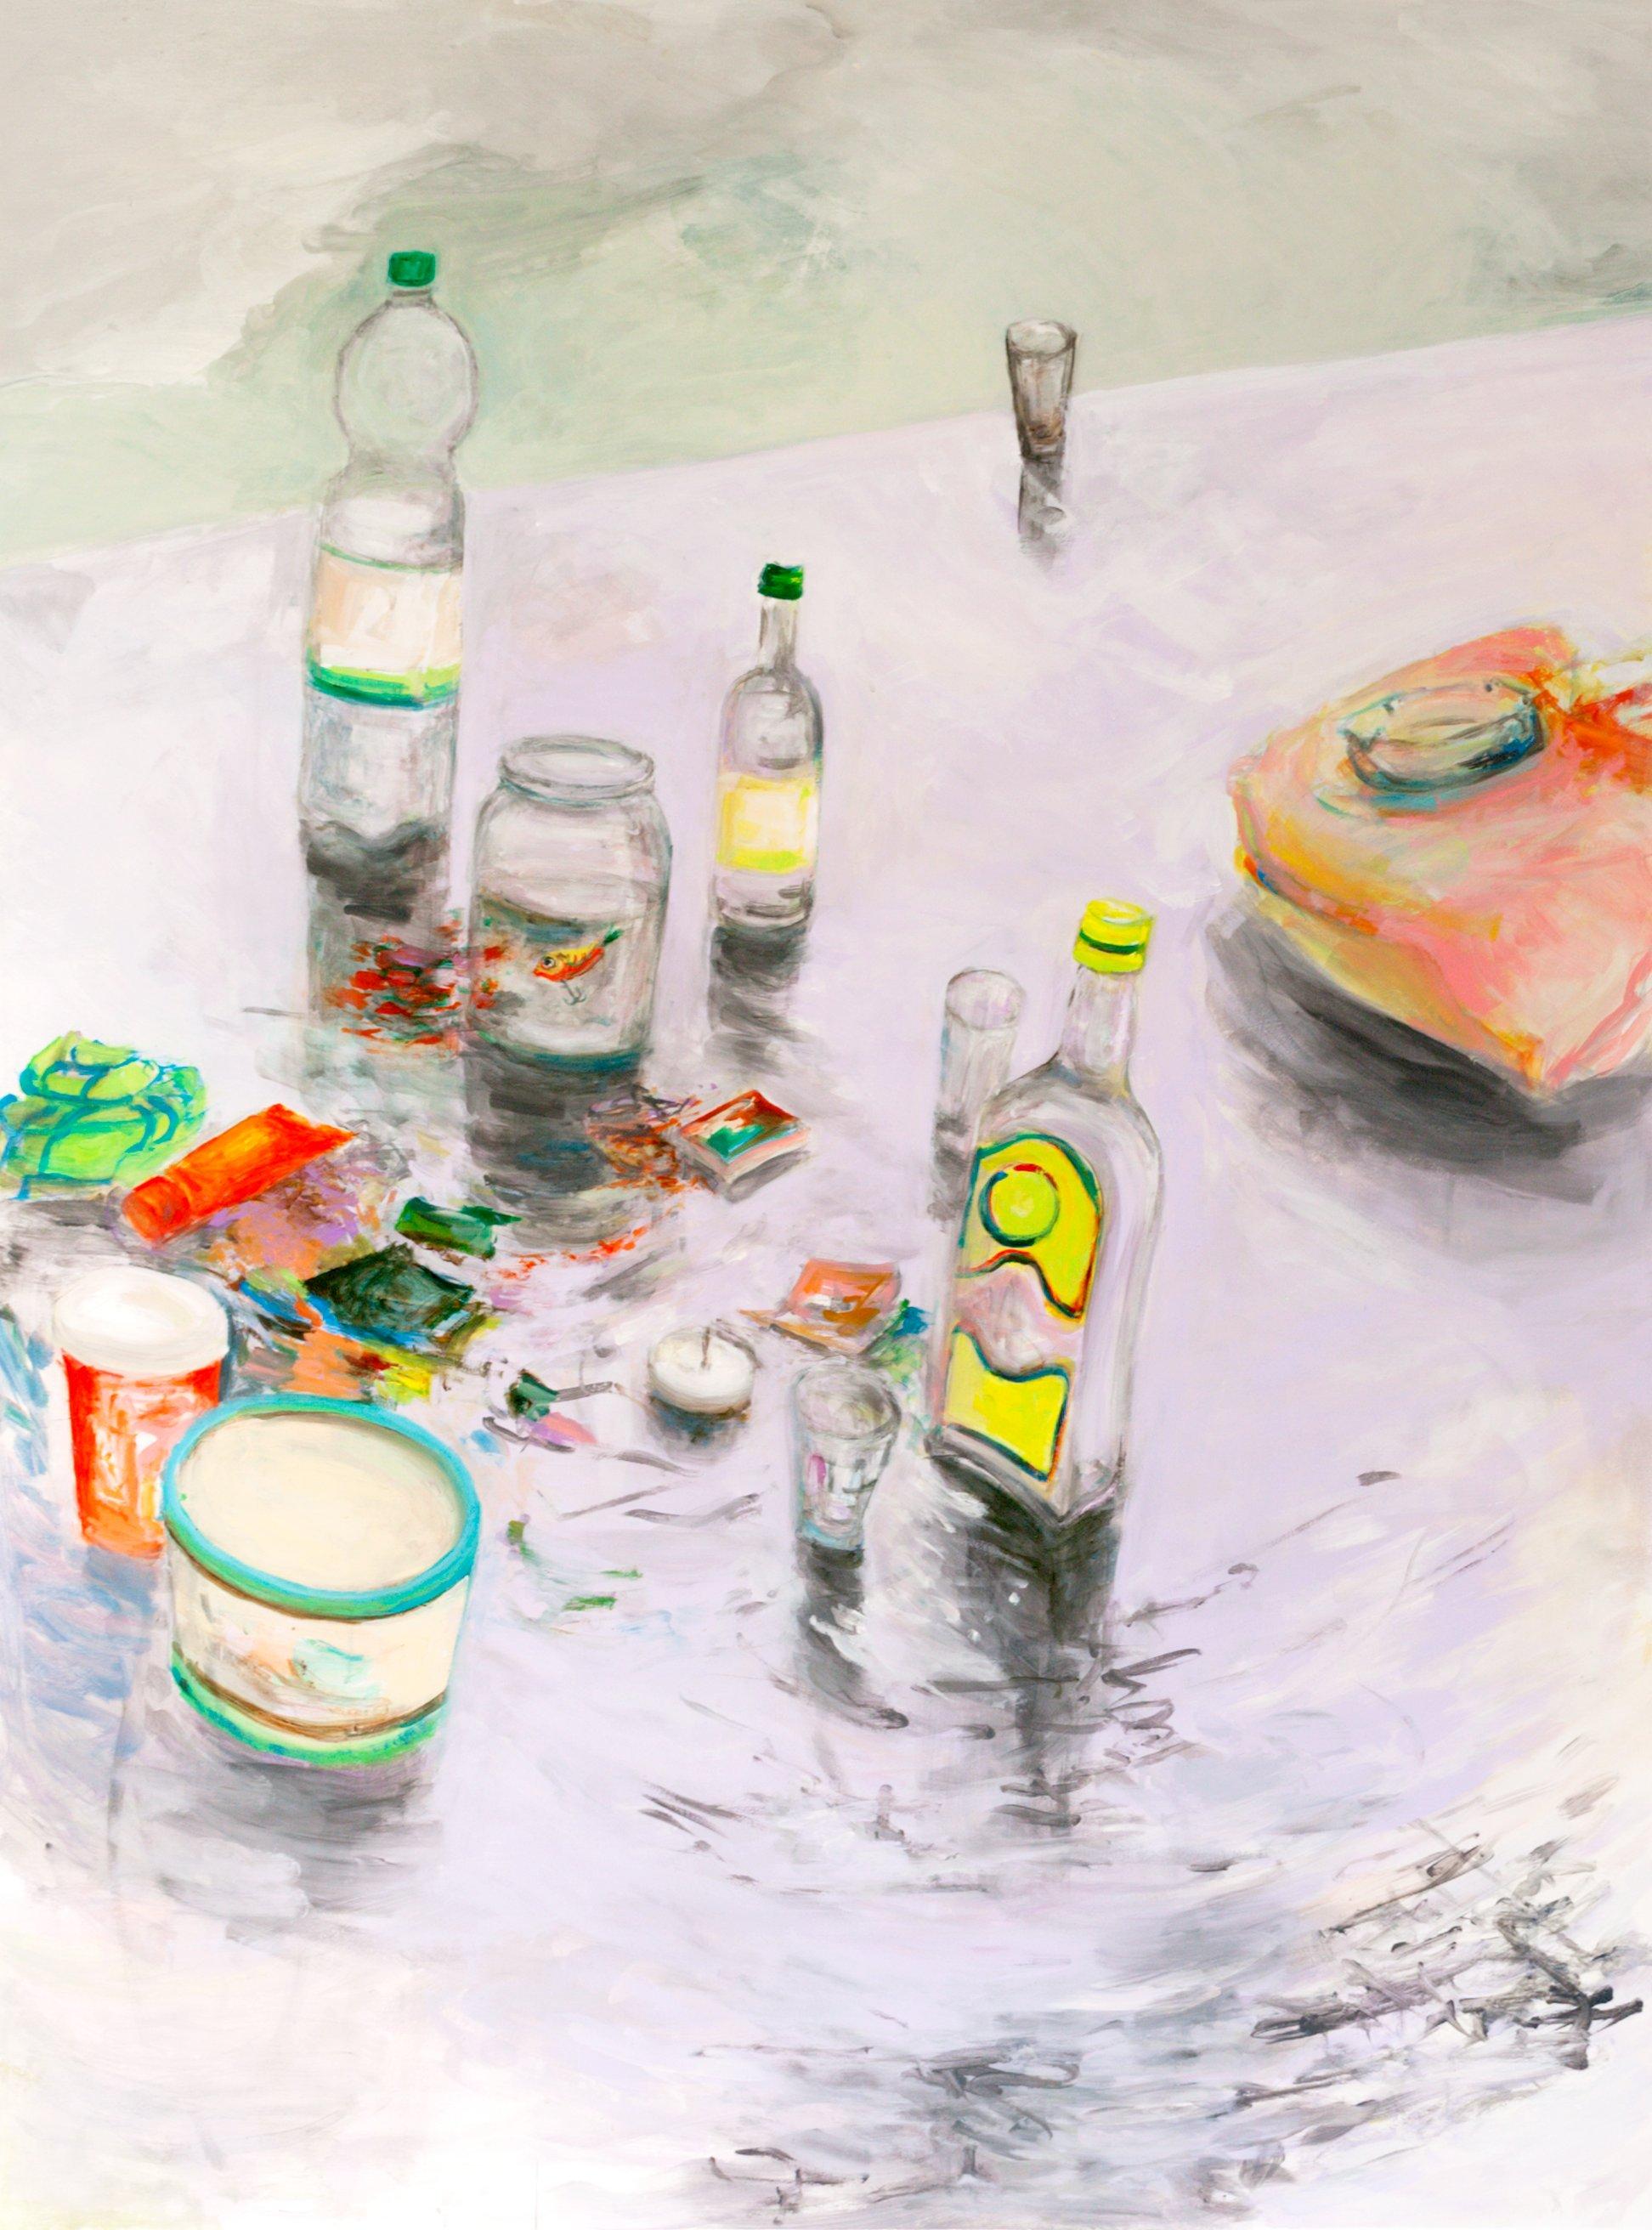 _der froehliche Gott_, Acryl auf Papier, 127 cm x 170 cm, 2013